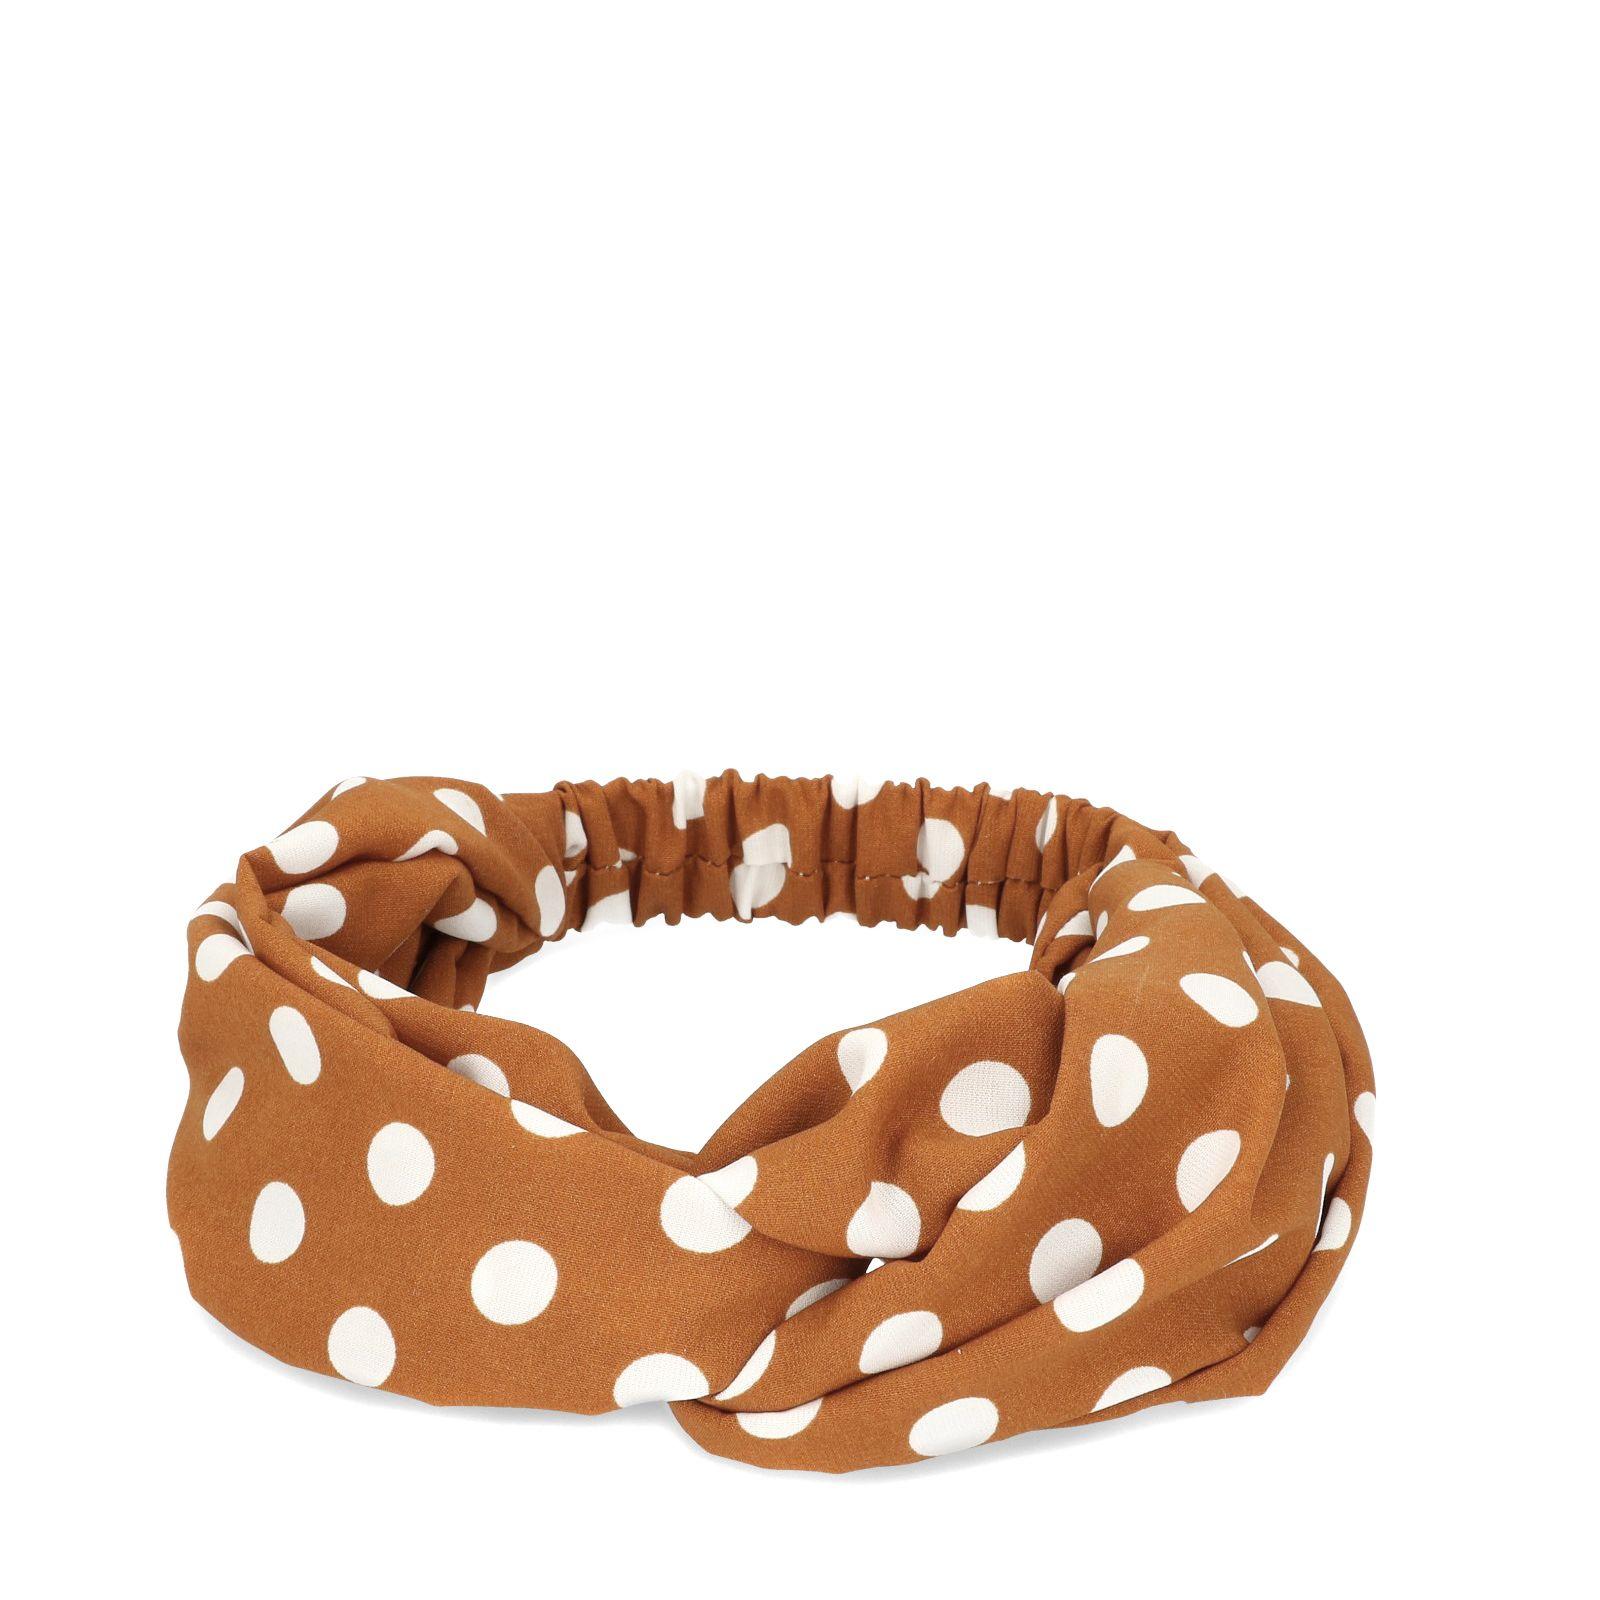 Roestbruine haarband met witte dots